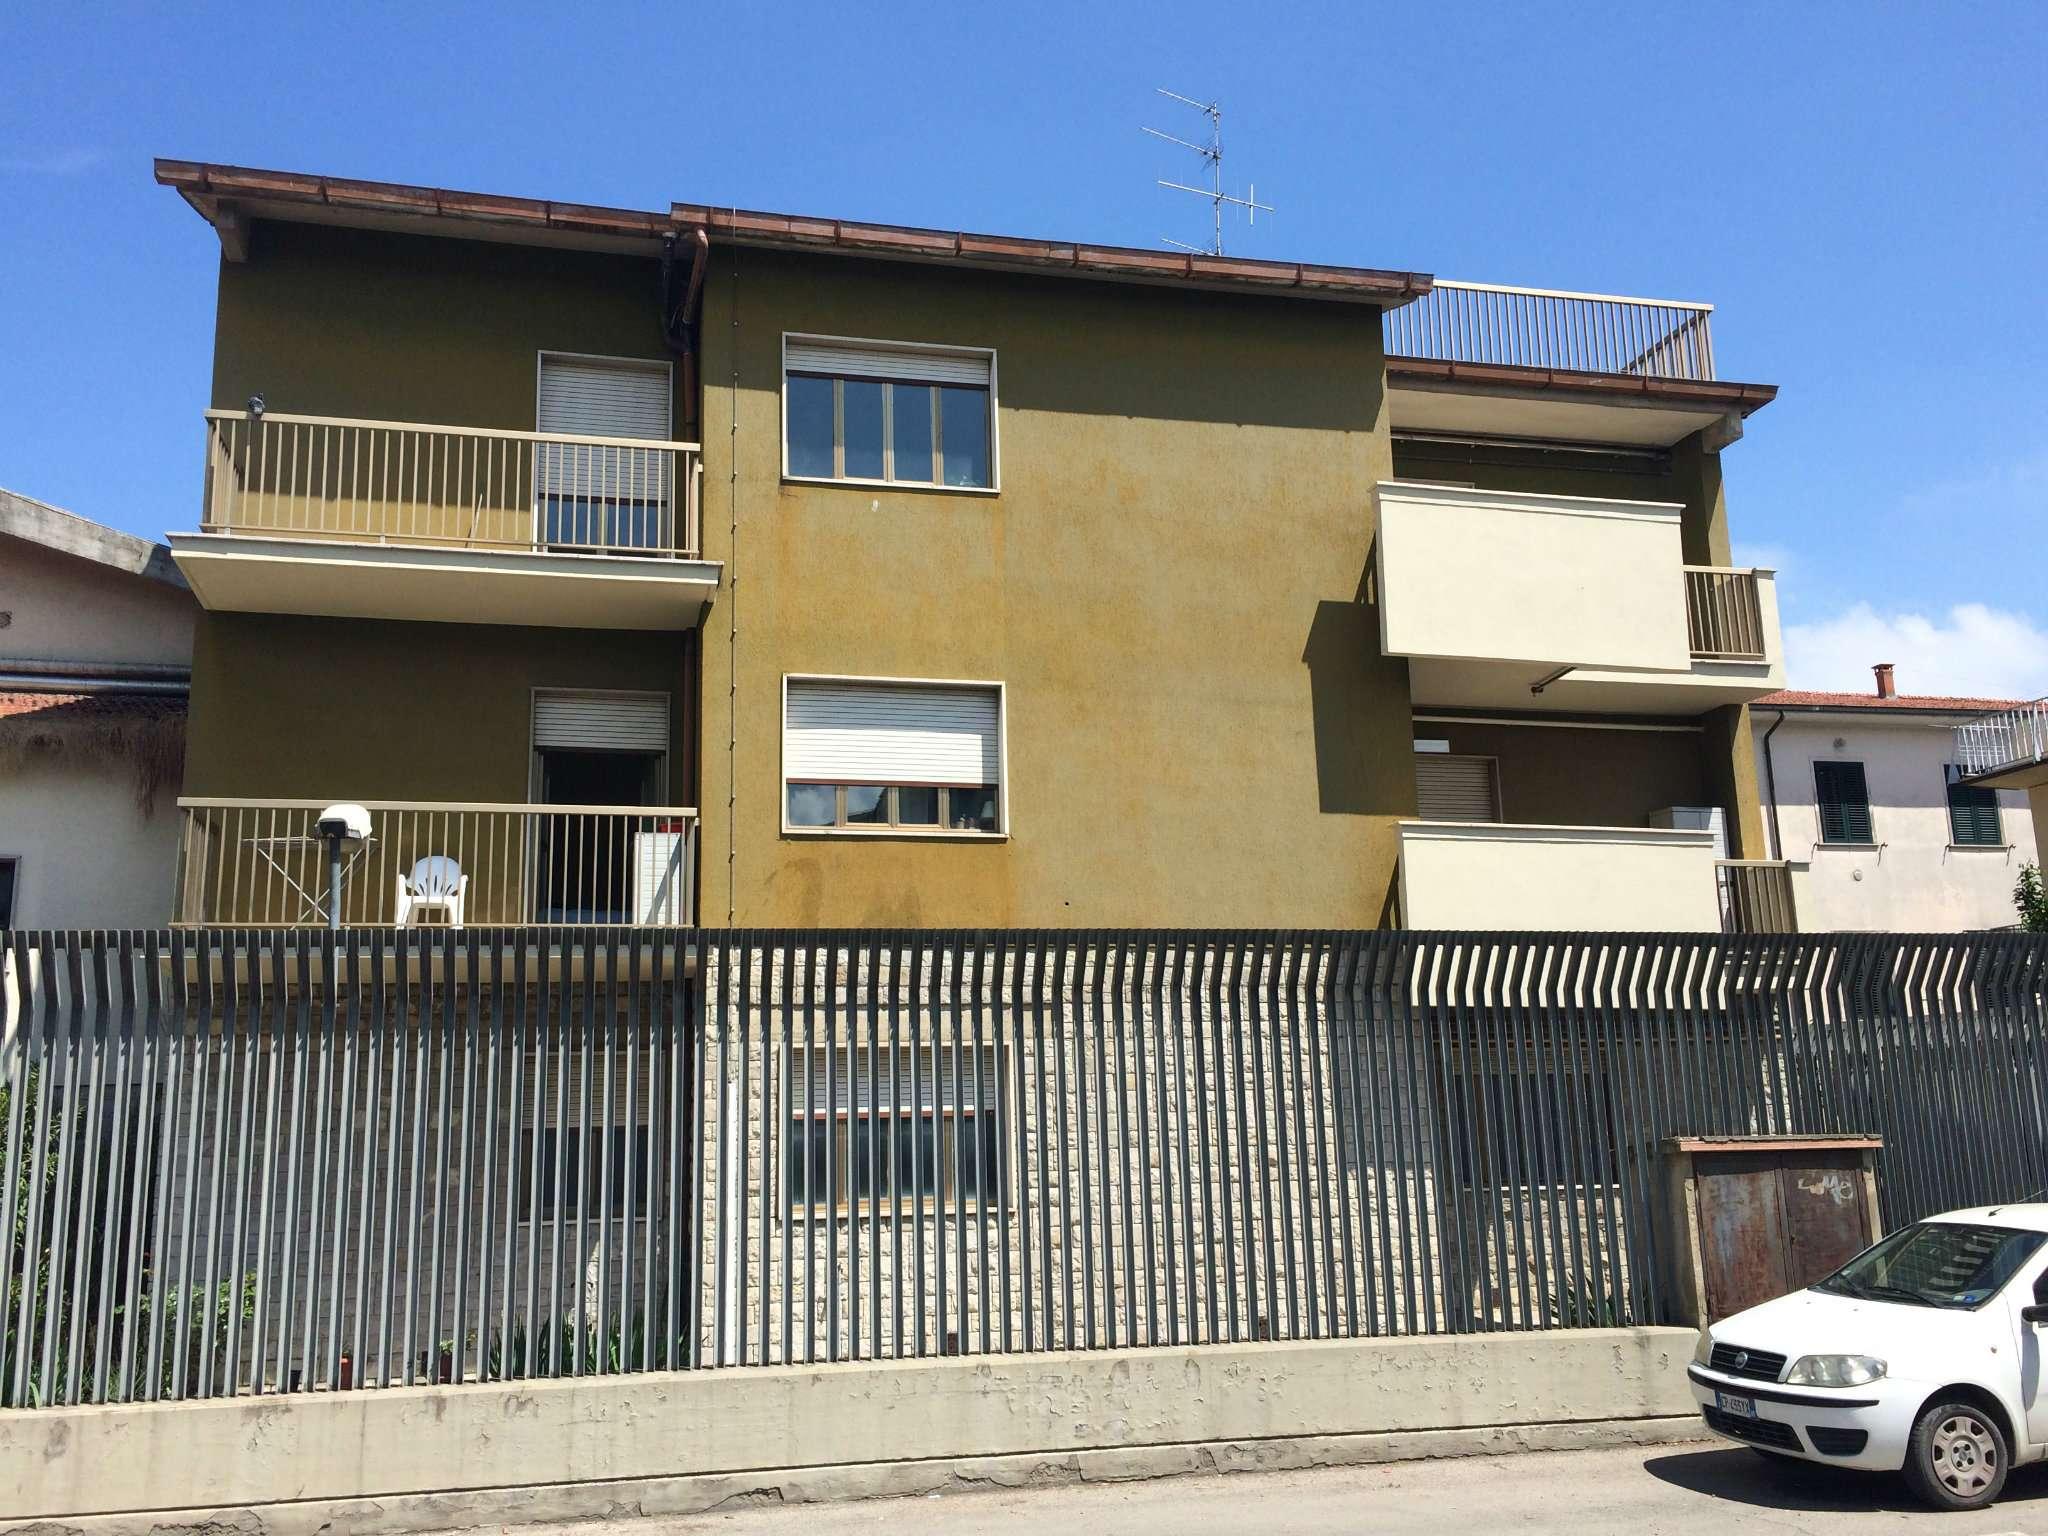 Appartamento in vendita a Arezzo, 3 locali, prezzo € 120.000 | PortaleAgenzieImmobiliari.it